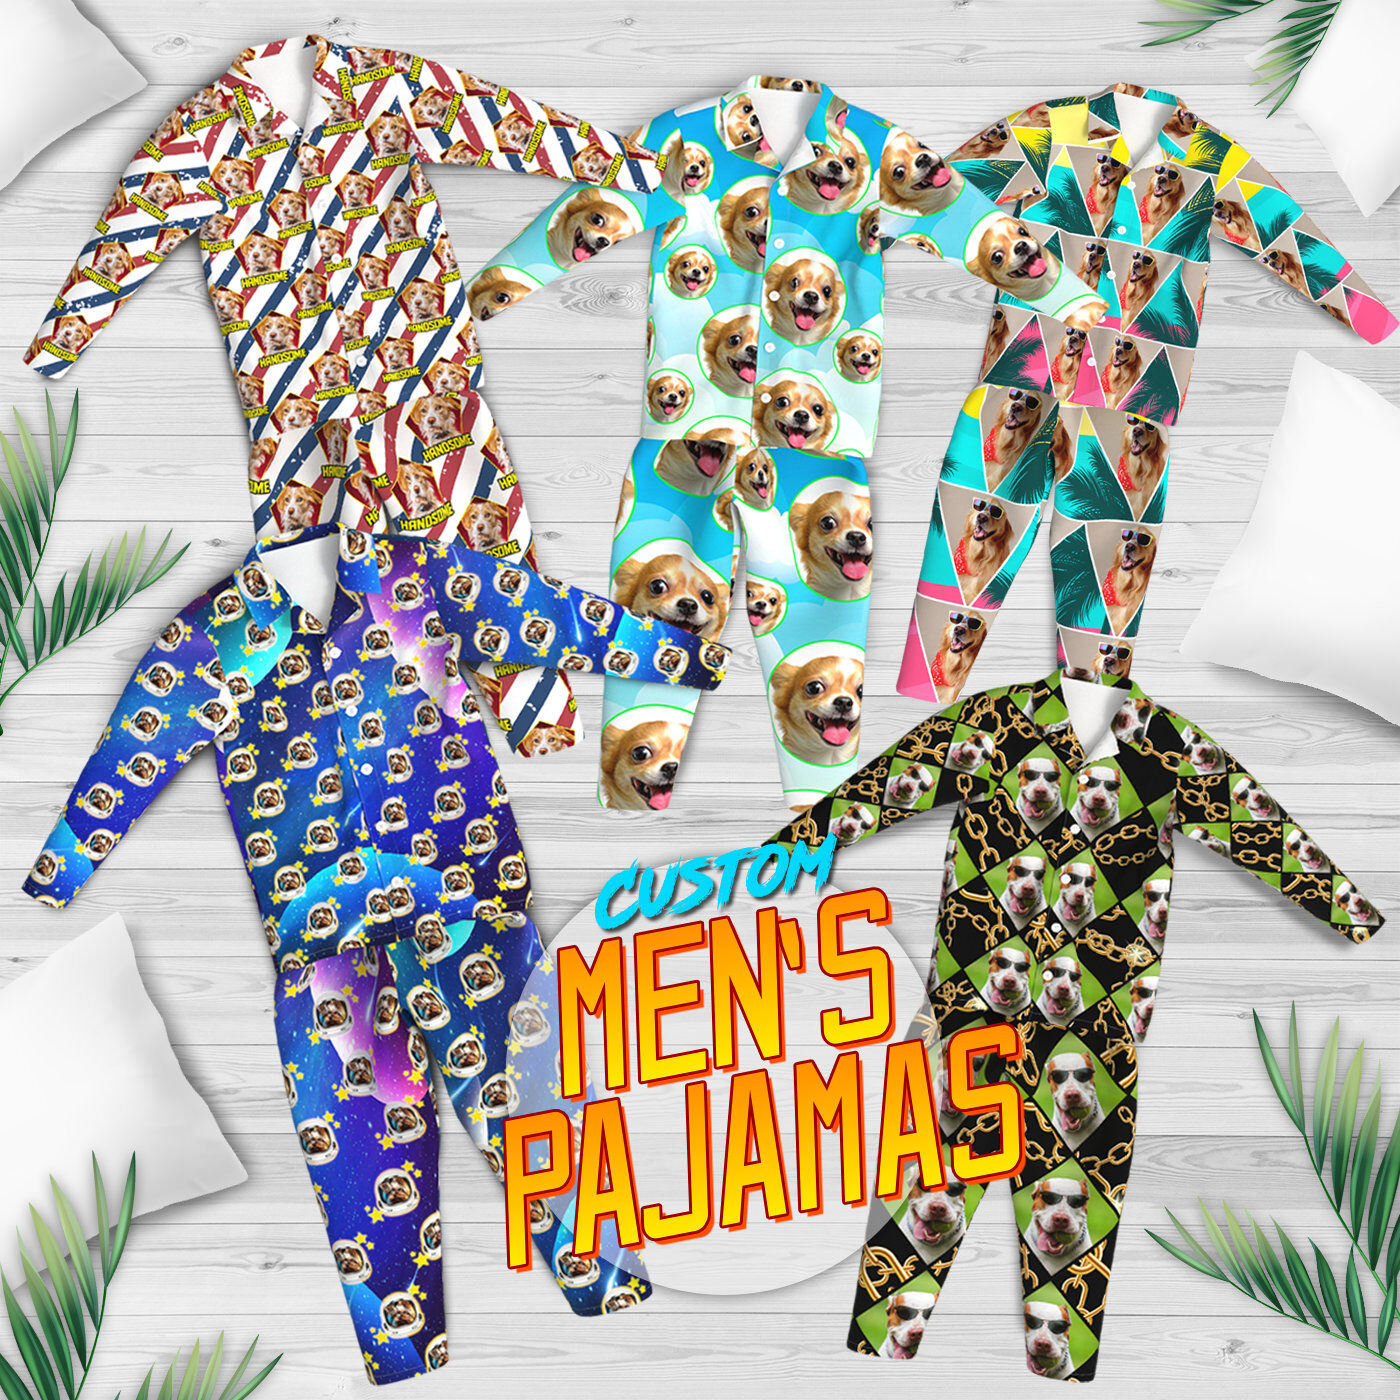 Custom Face and Photo Pajamas